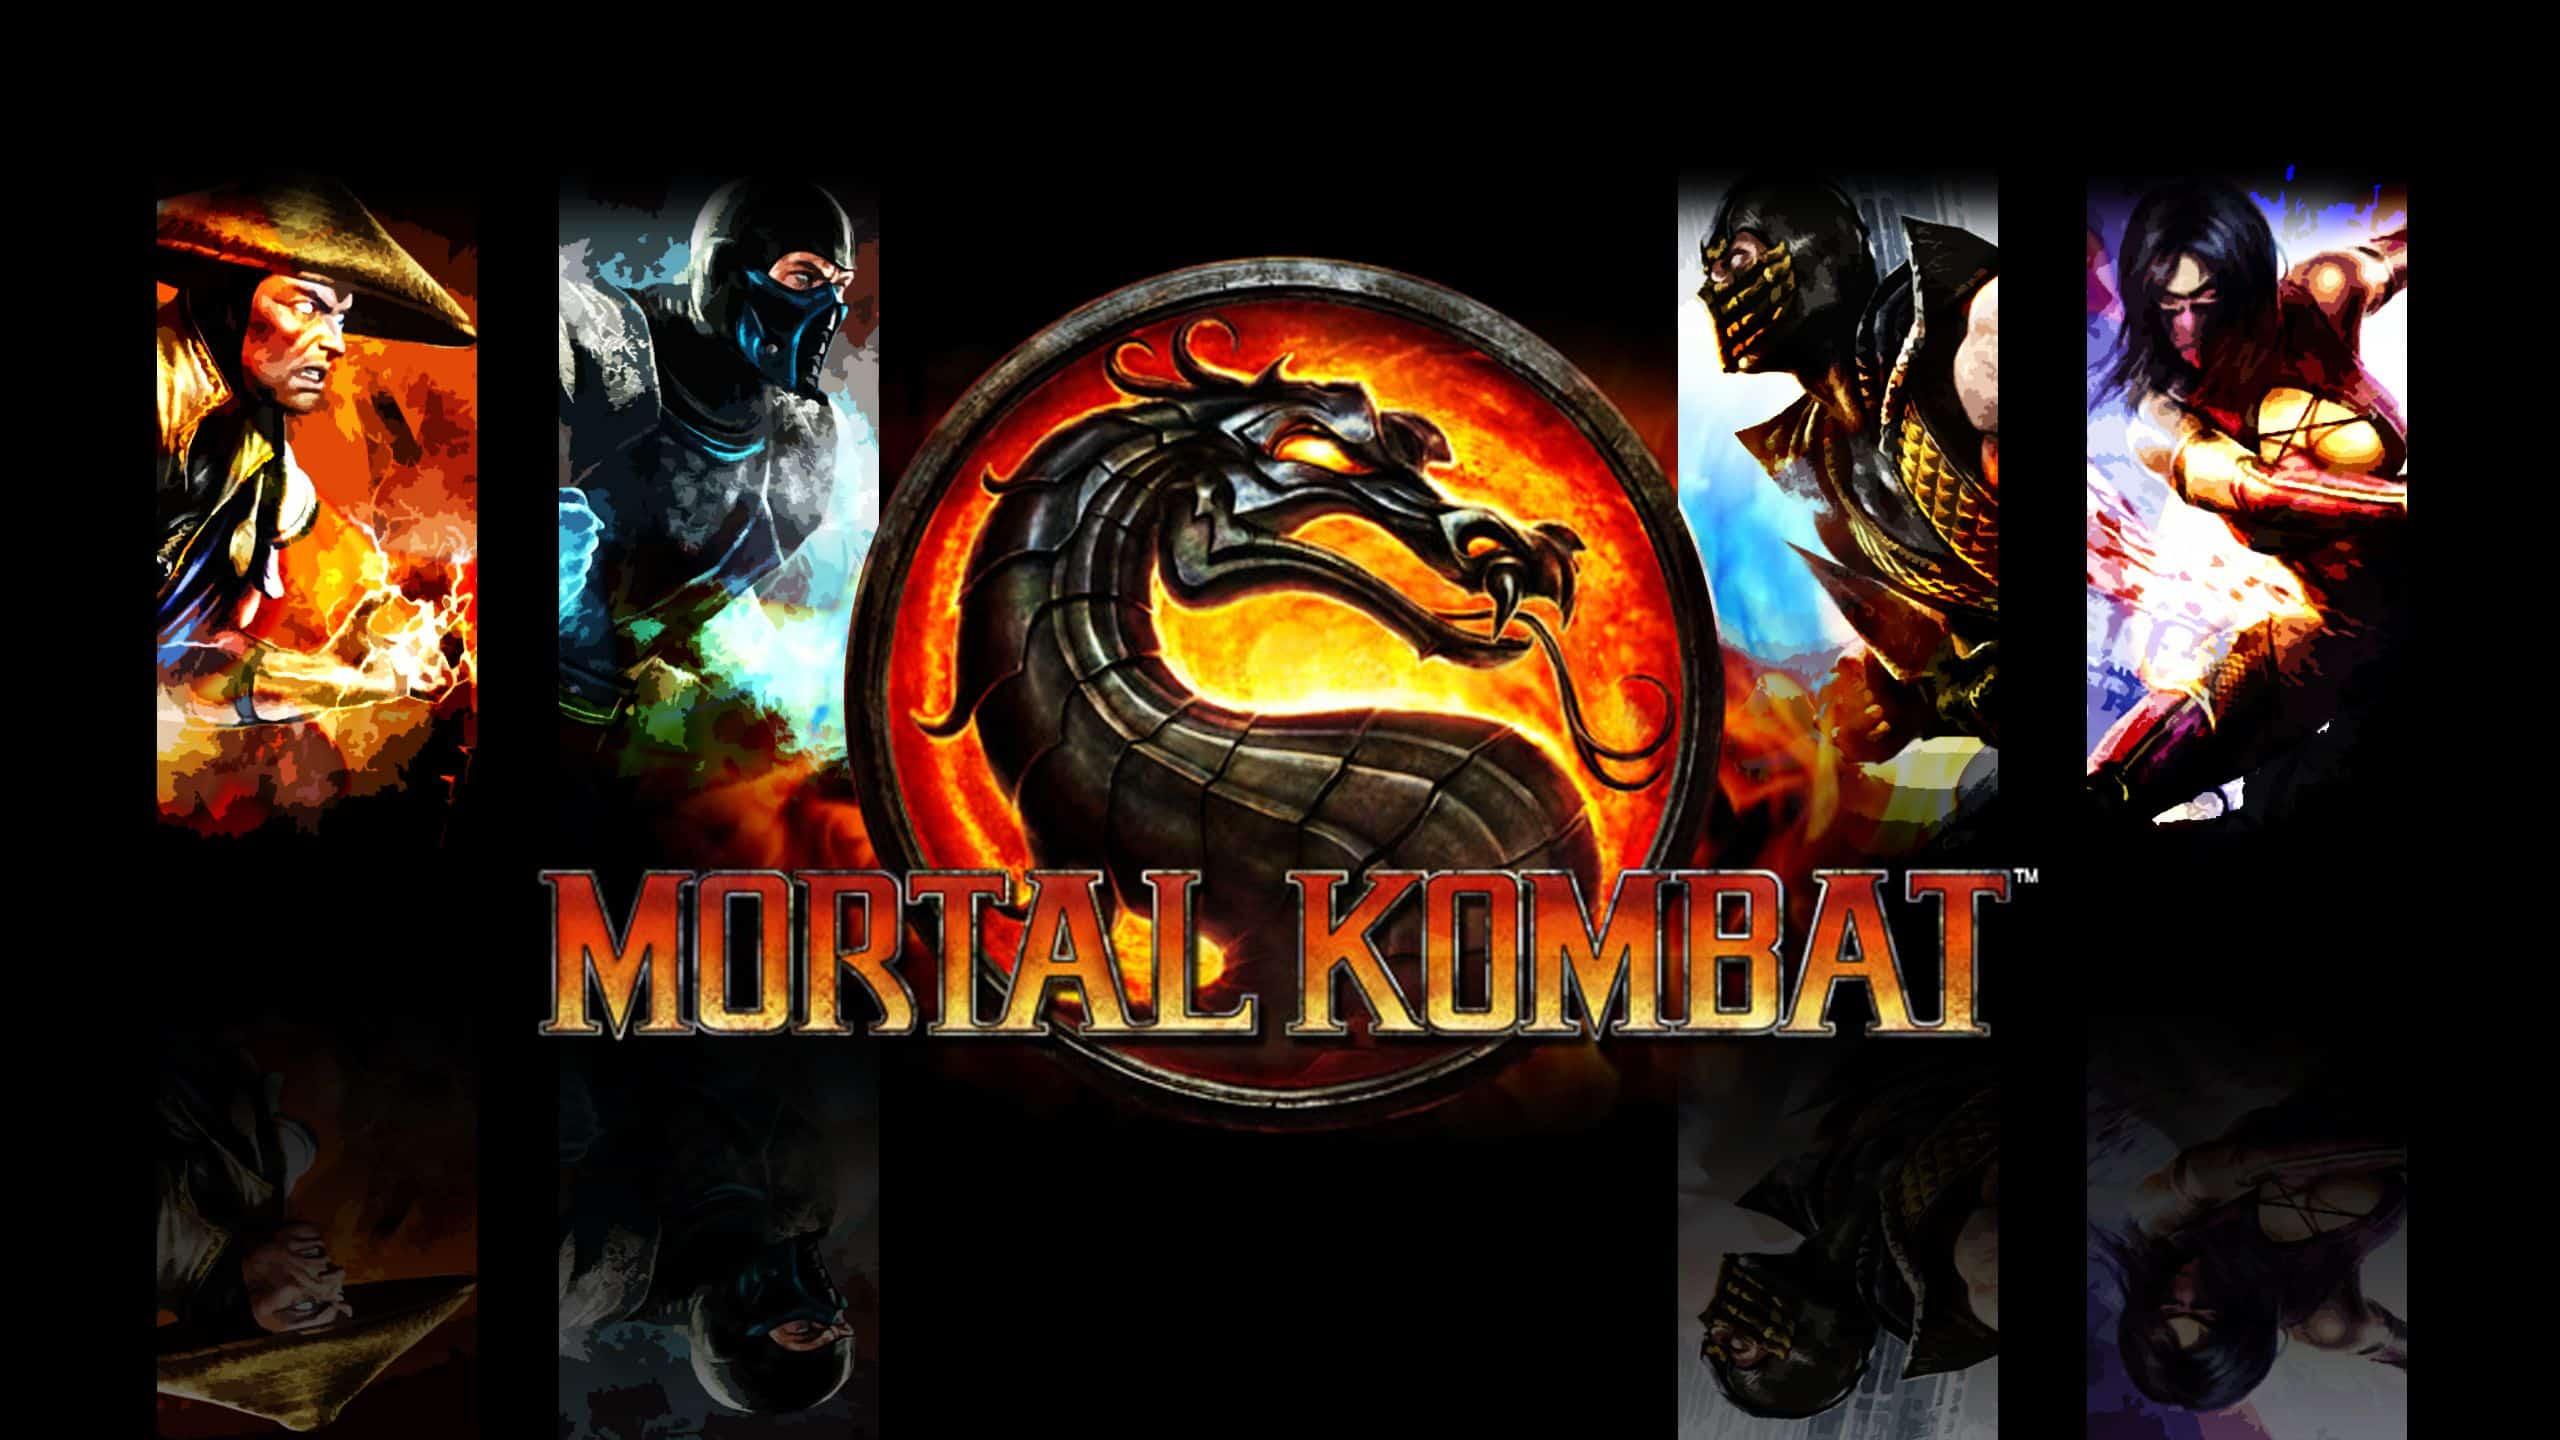 Mortal Kombat, Video Games, Electronic Music